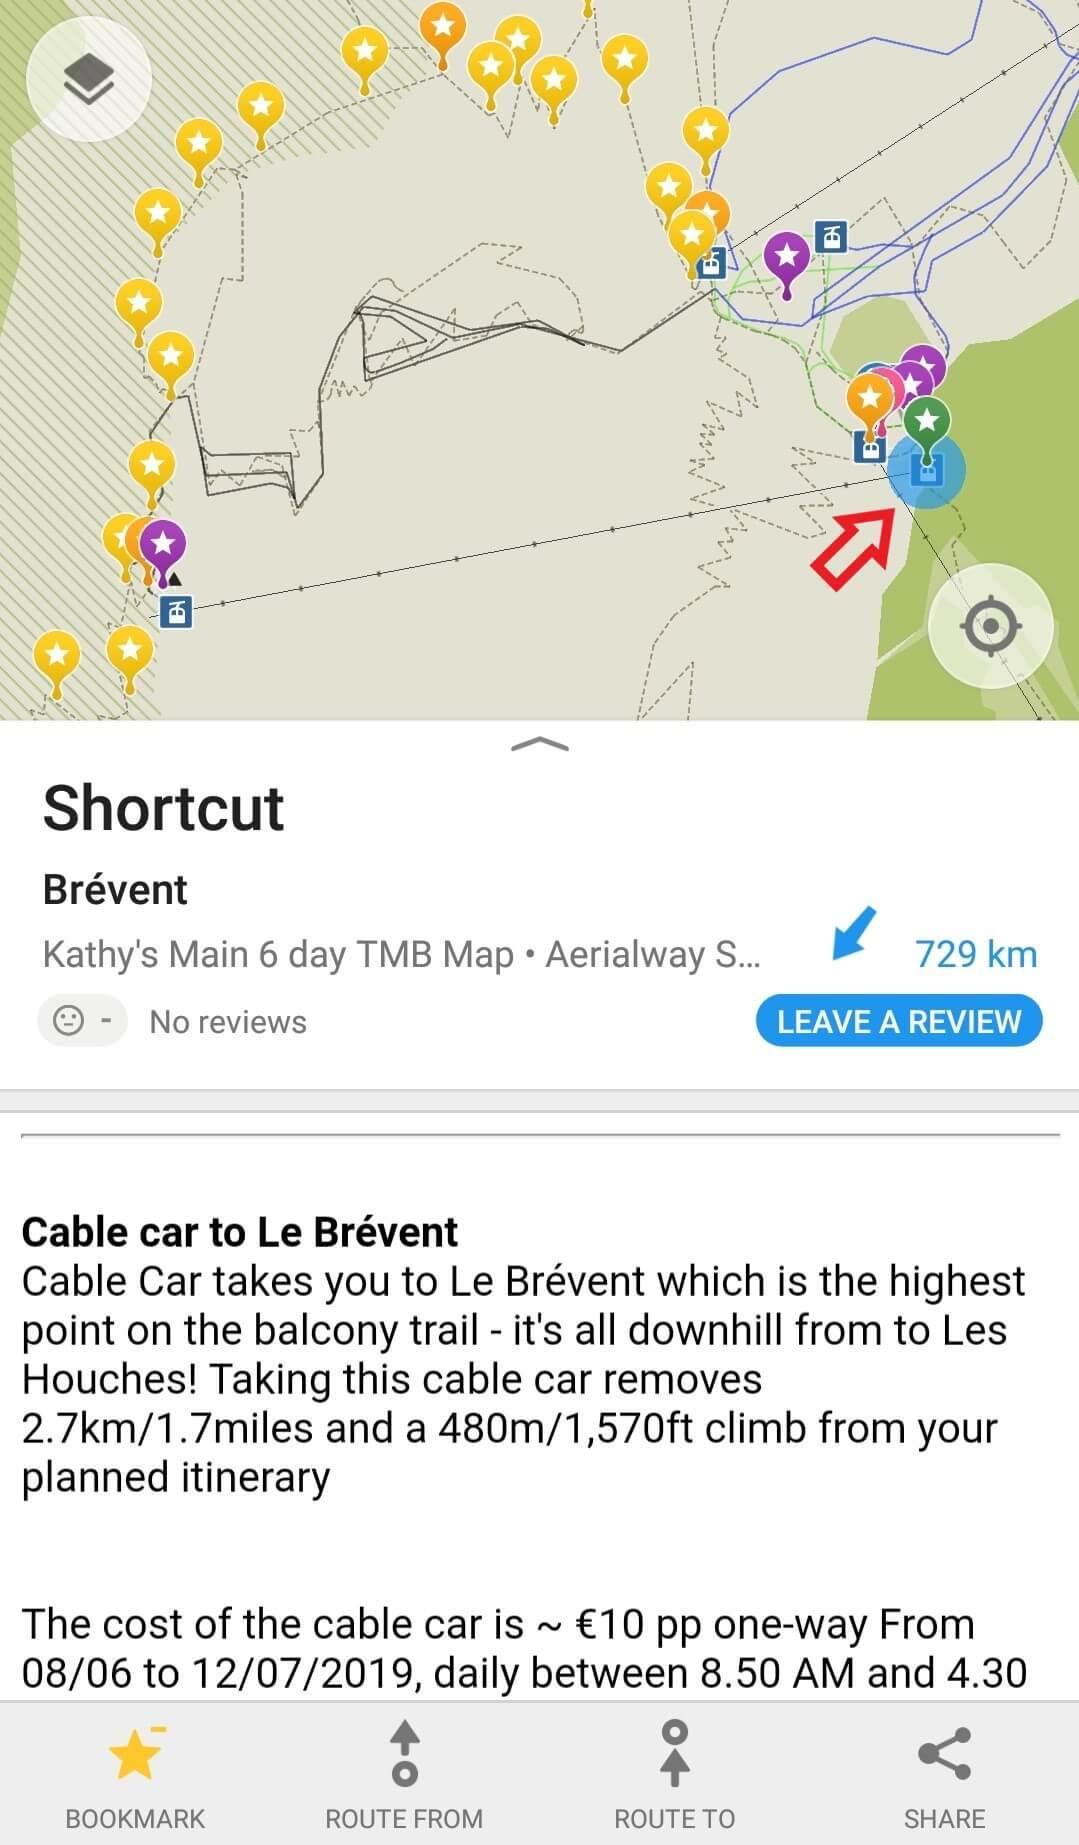 Tour du Mont Blanc Map_Shortcut details.jpg